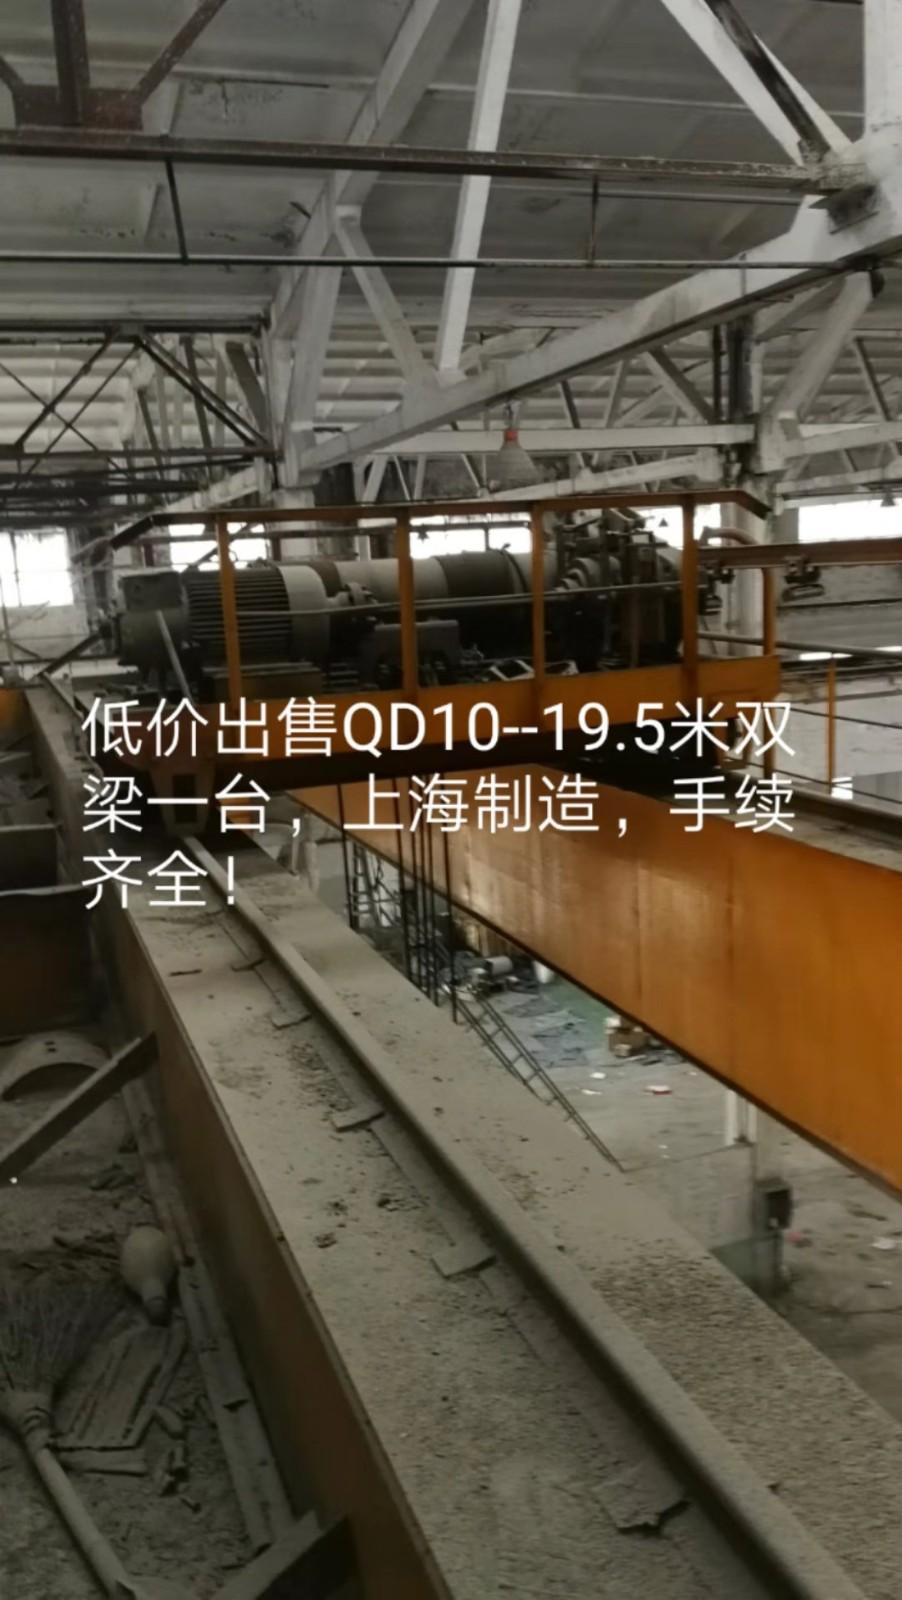 低价出售QD10-19.5米双梁一台,上海制造,手续齐全